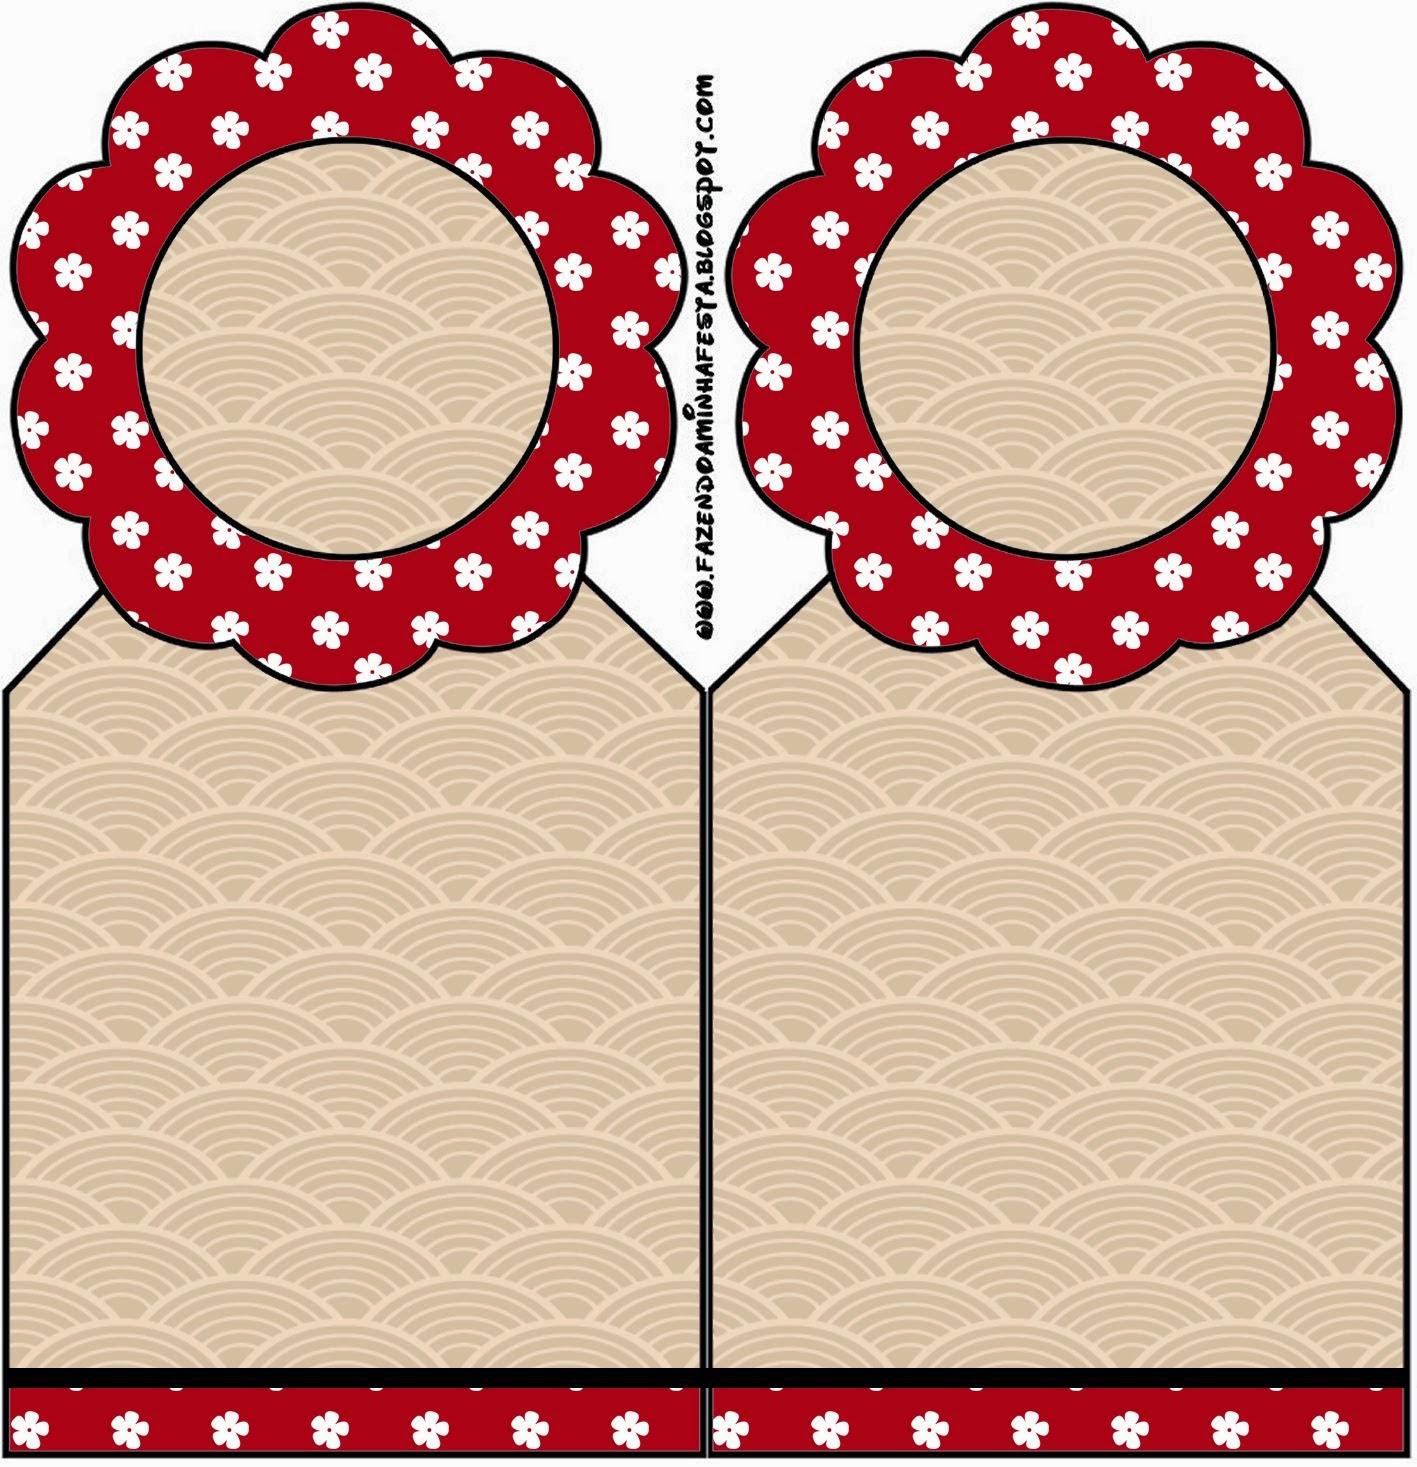 Marcapaginas para Imprimir Gratis de Fiesta Estilo Japonés.